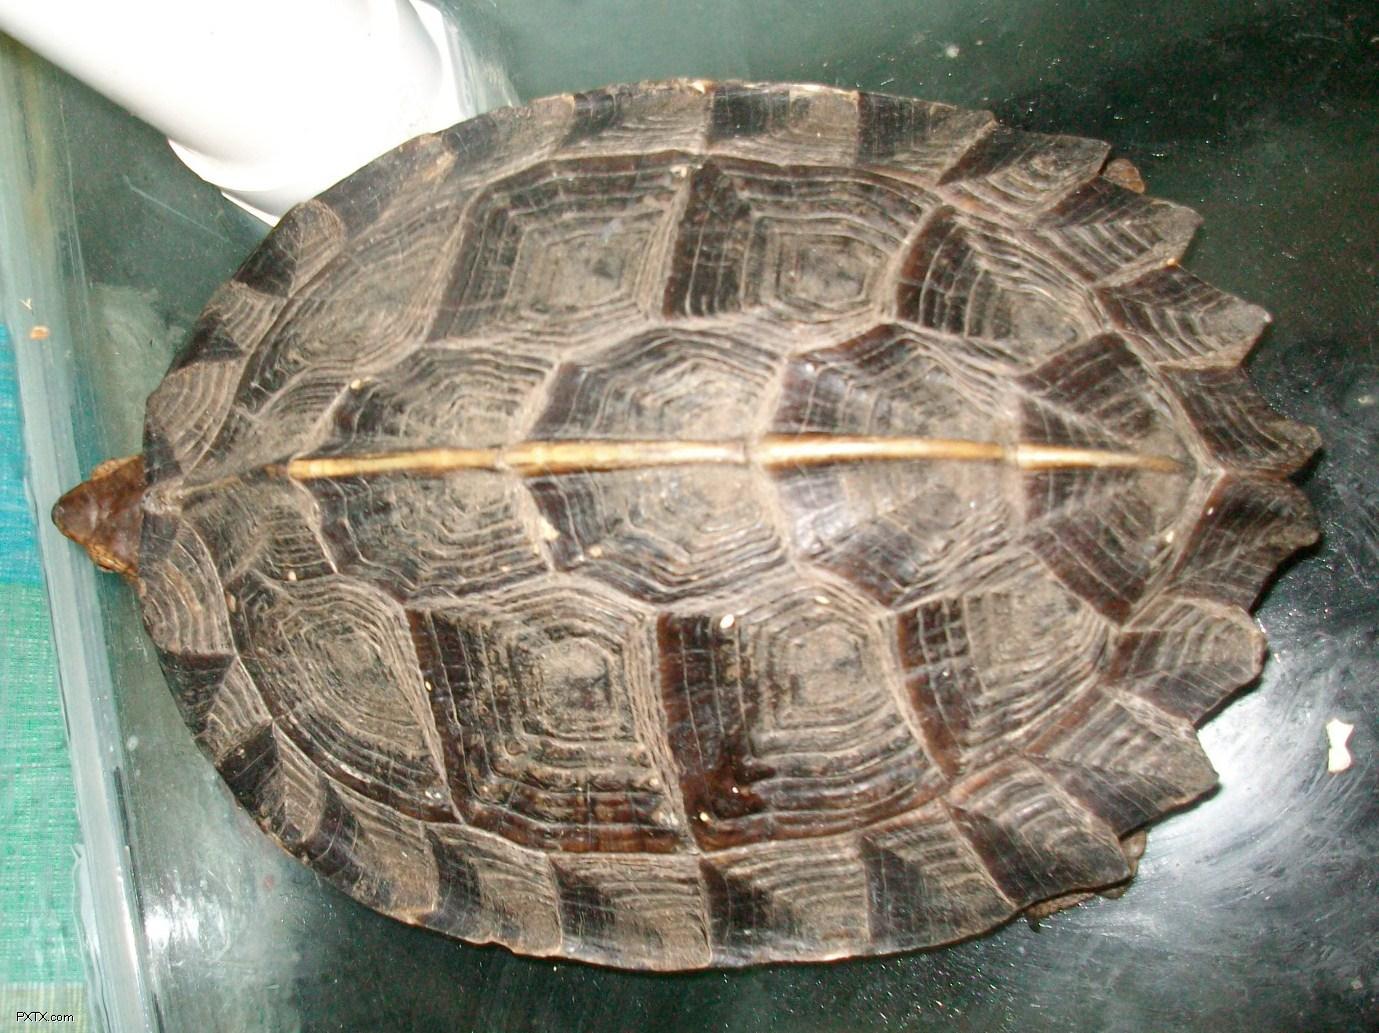 亚洲情龟_亚洲巨龟和庙龟哪个可以长得更大?哪个长得更快?